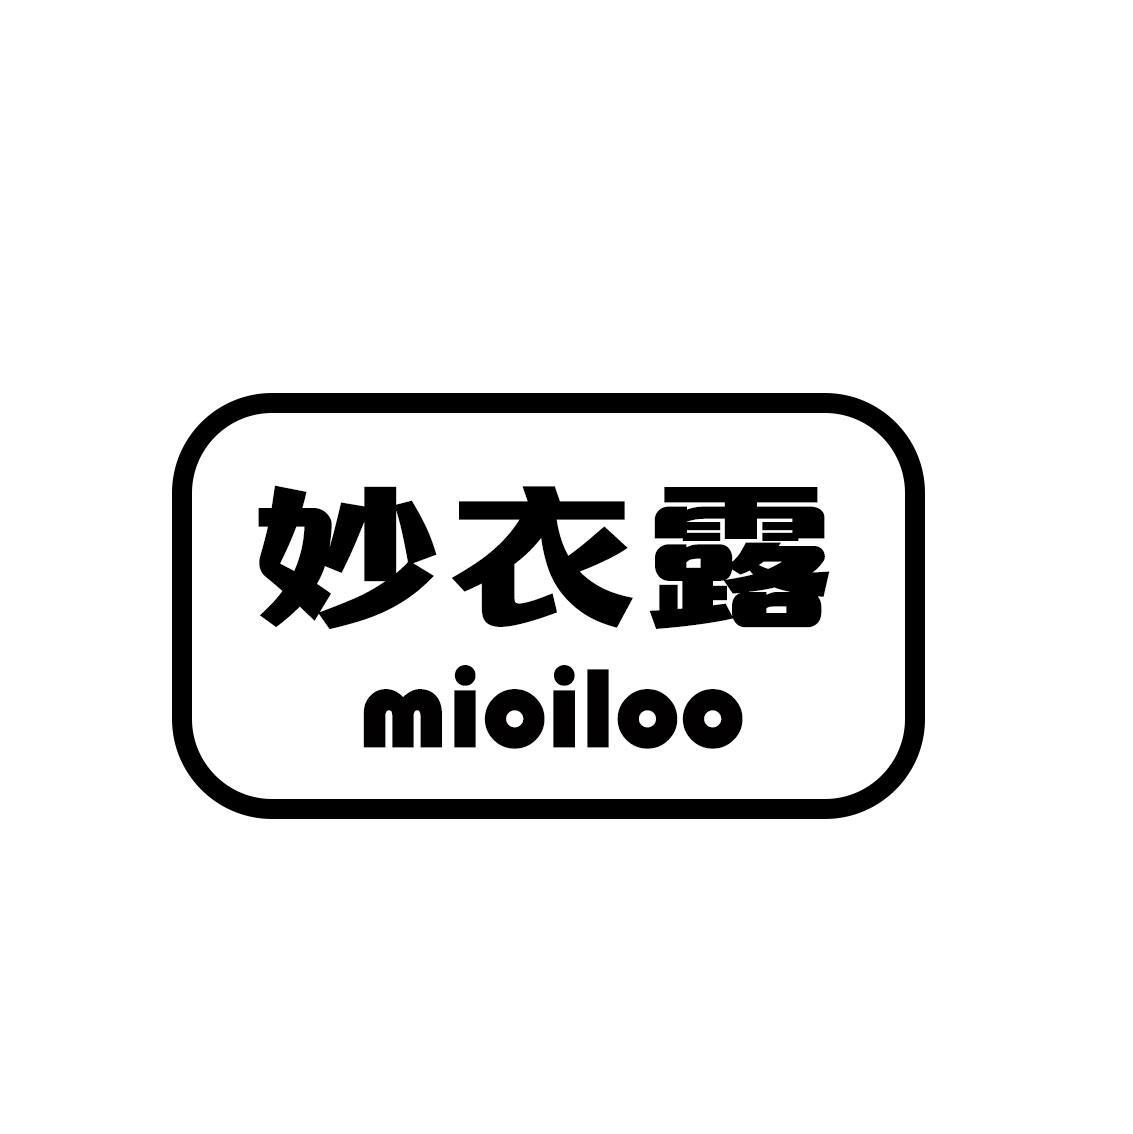 转让商标-妙衣露 MIOILOO